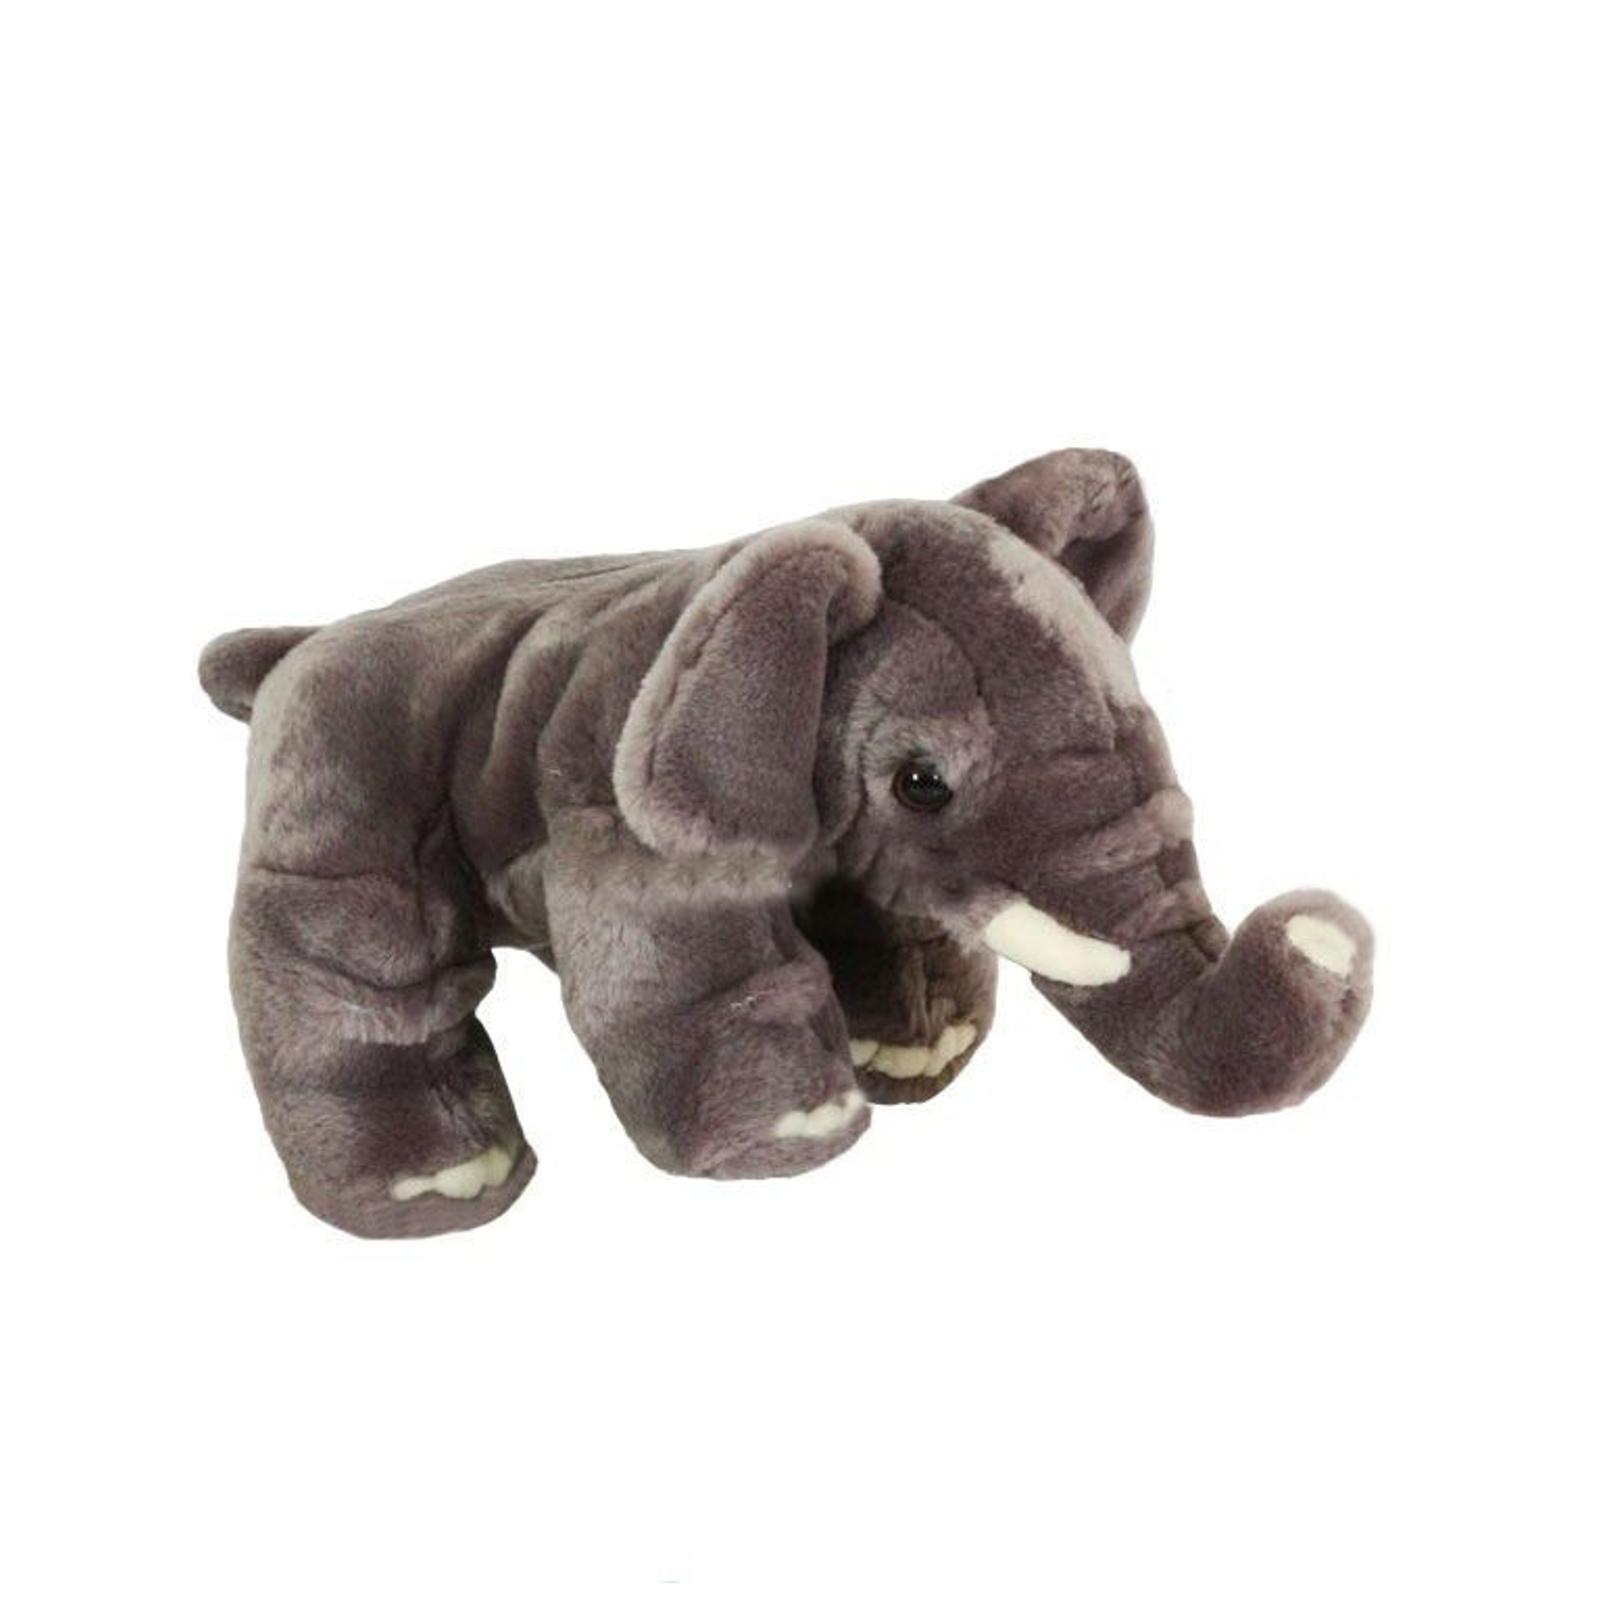 Мягкие игрушки Keel Toys Слон 25 см.